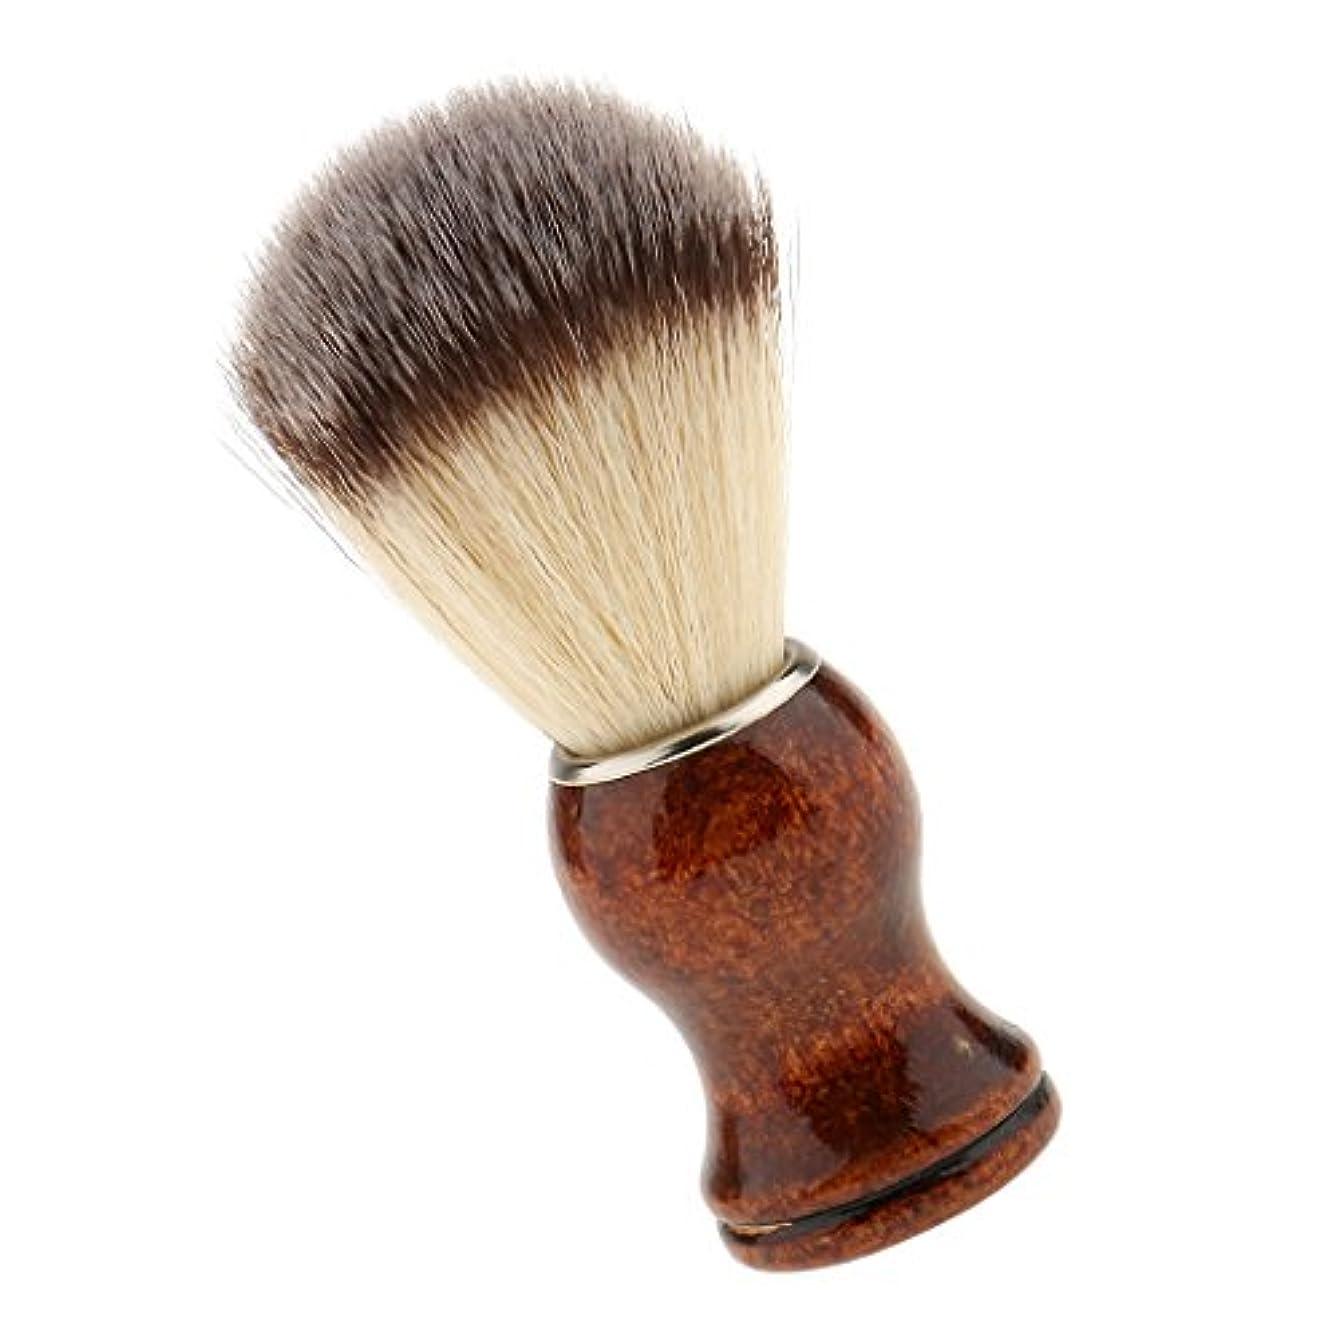 知覚できる再現する広大なSONONIA サロン 理髪用 ナイロン シェービングブラシ 首/顔 散髪整理  泡たてやすい ひげブラシ